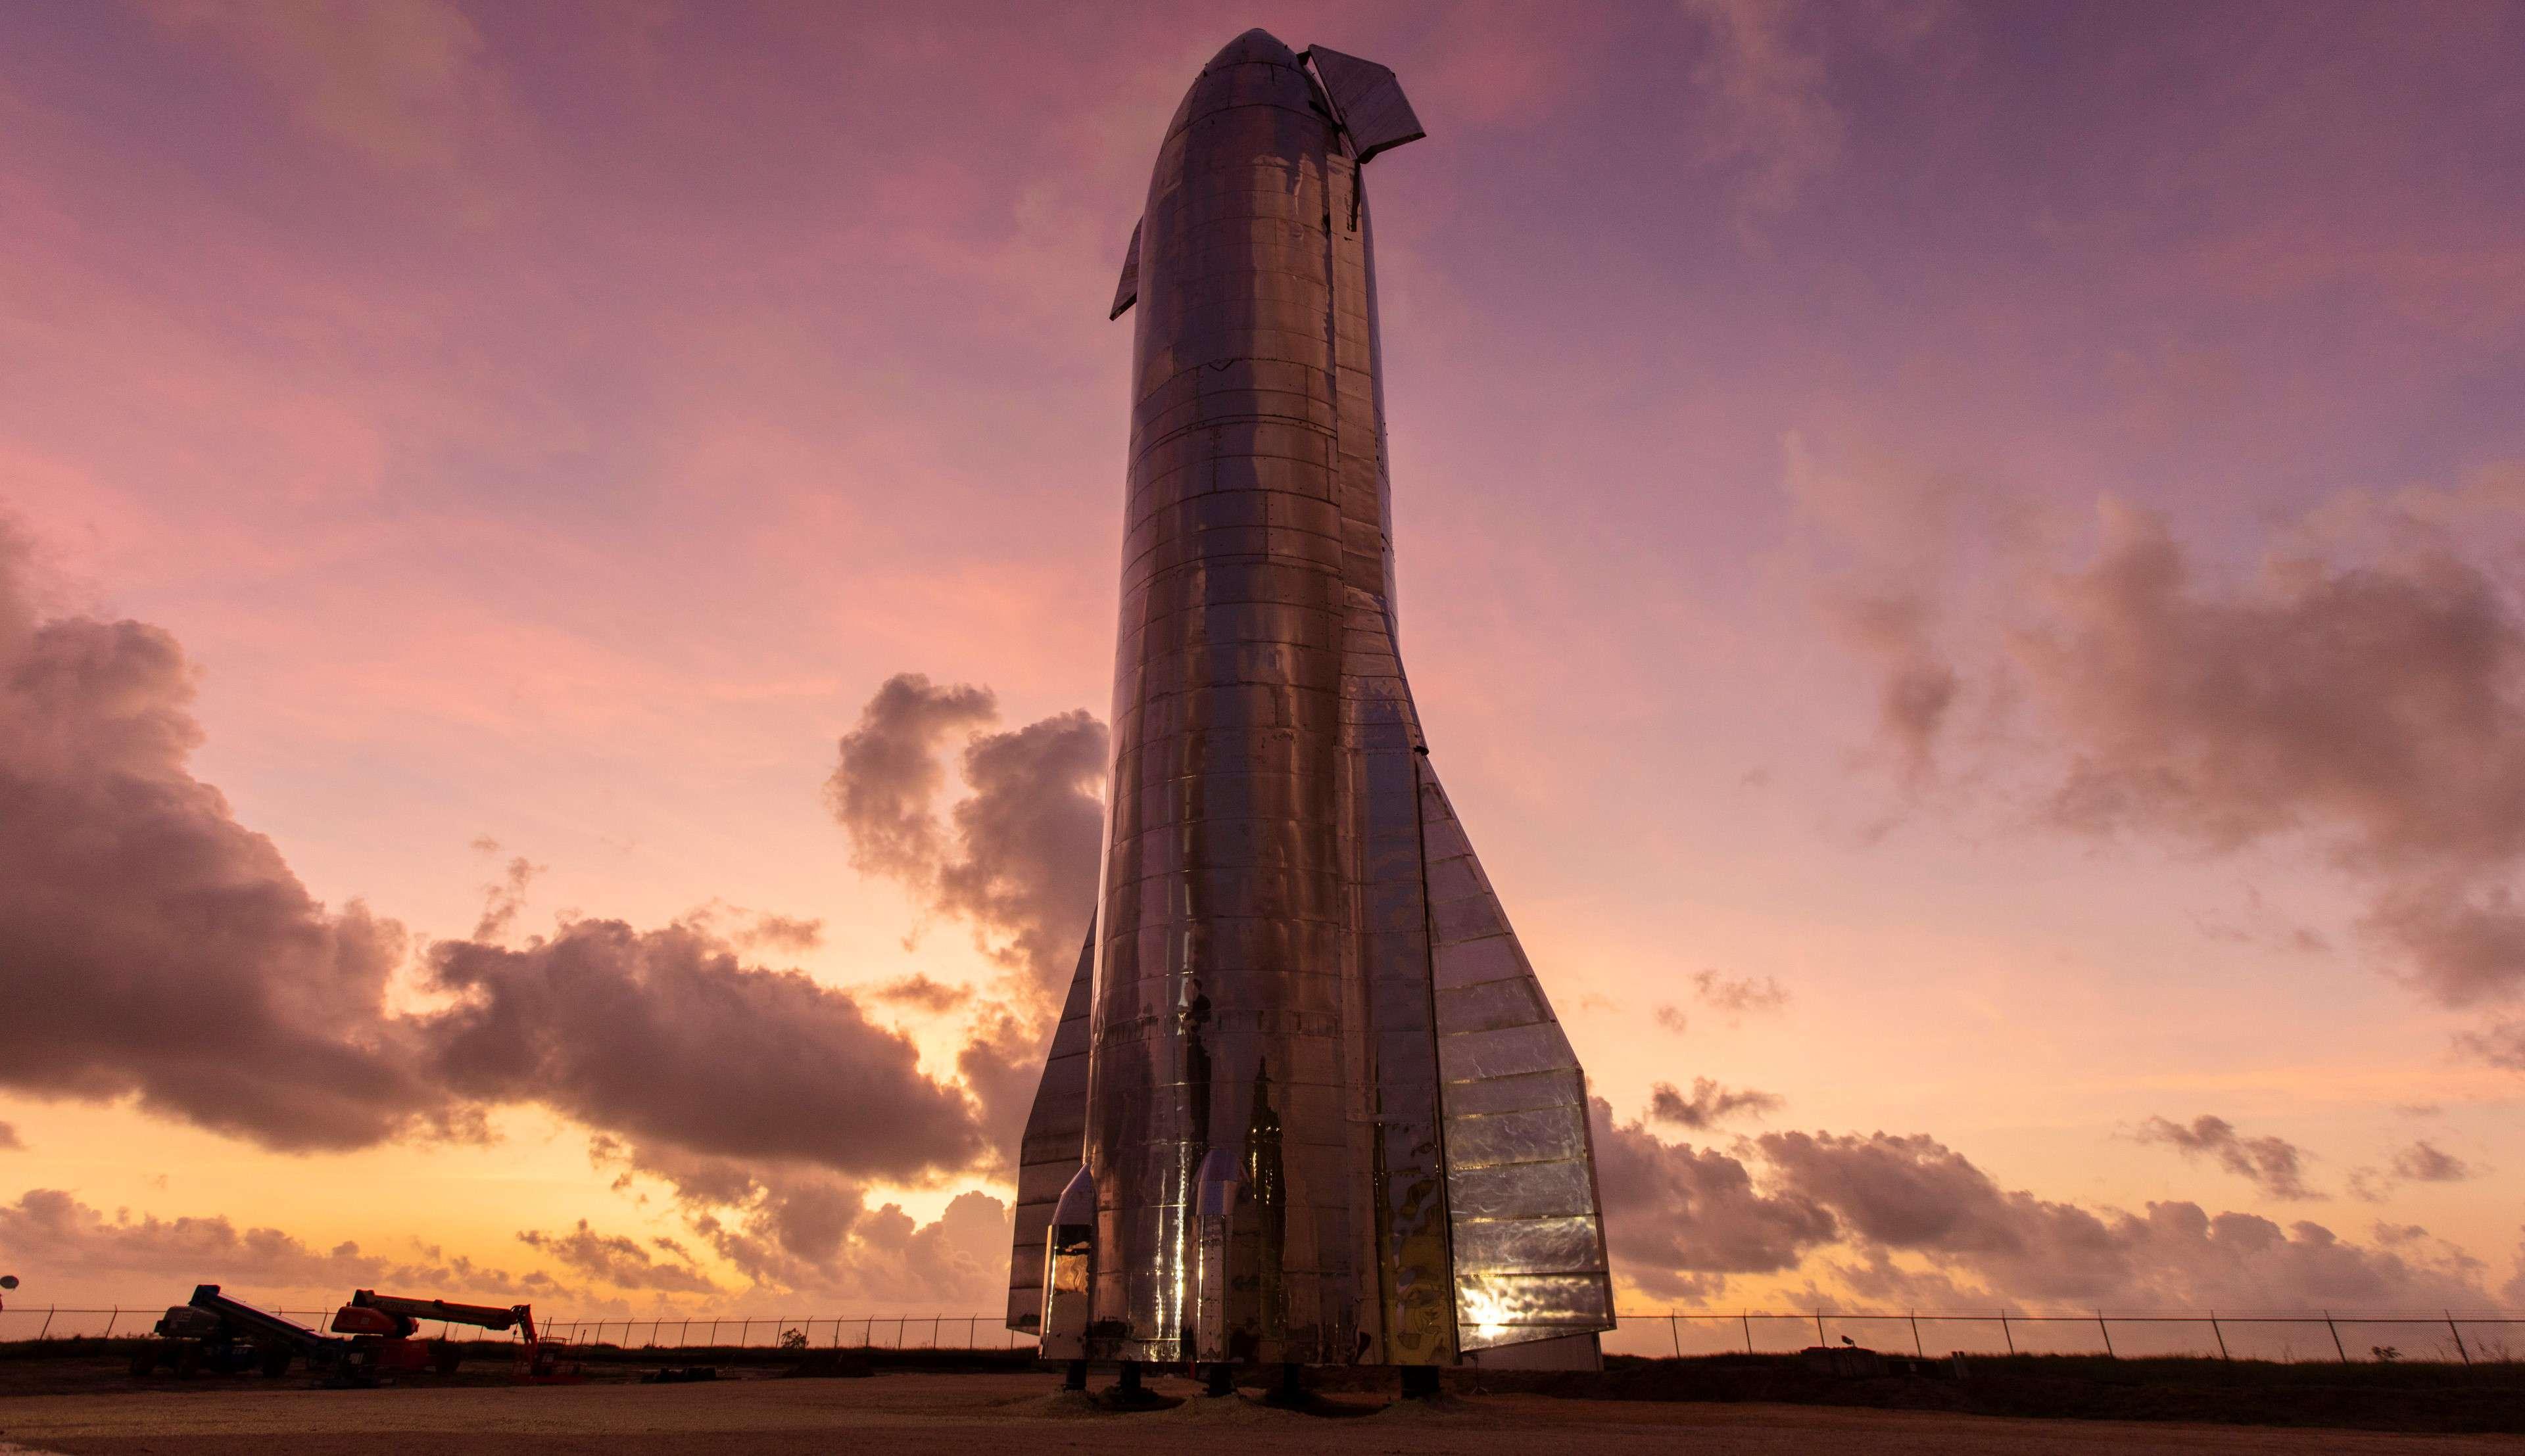 交个火星网友?马斯克证实SpaceX将在地球和火星之间提供互联网